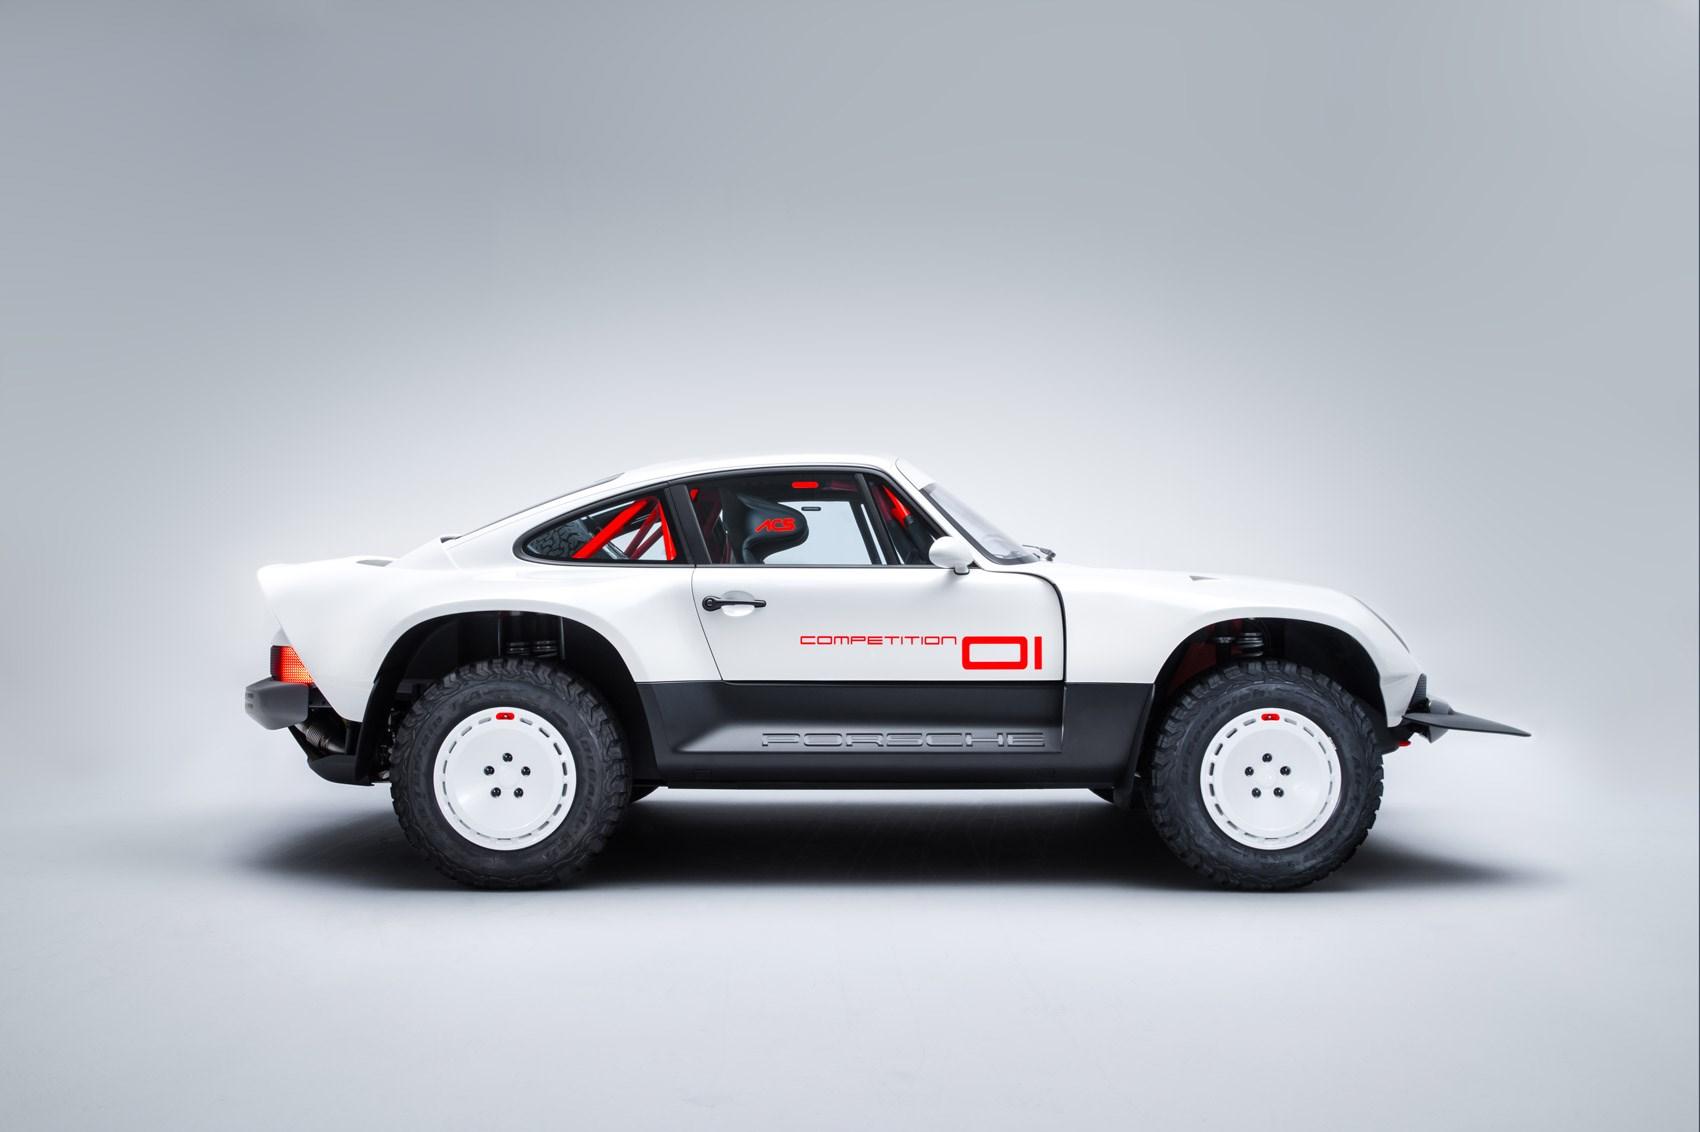 Singer reimagines the Porsche 911 as an all-terrain racer